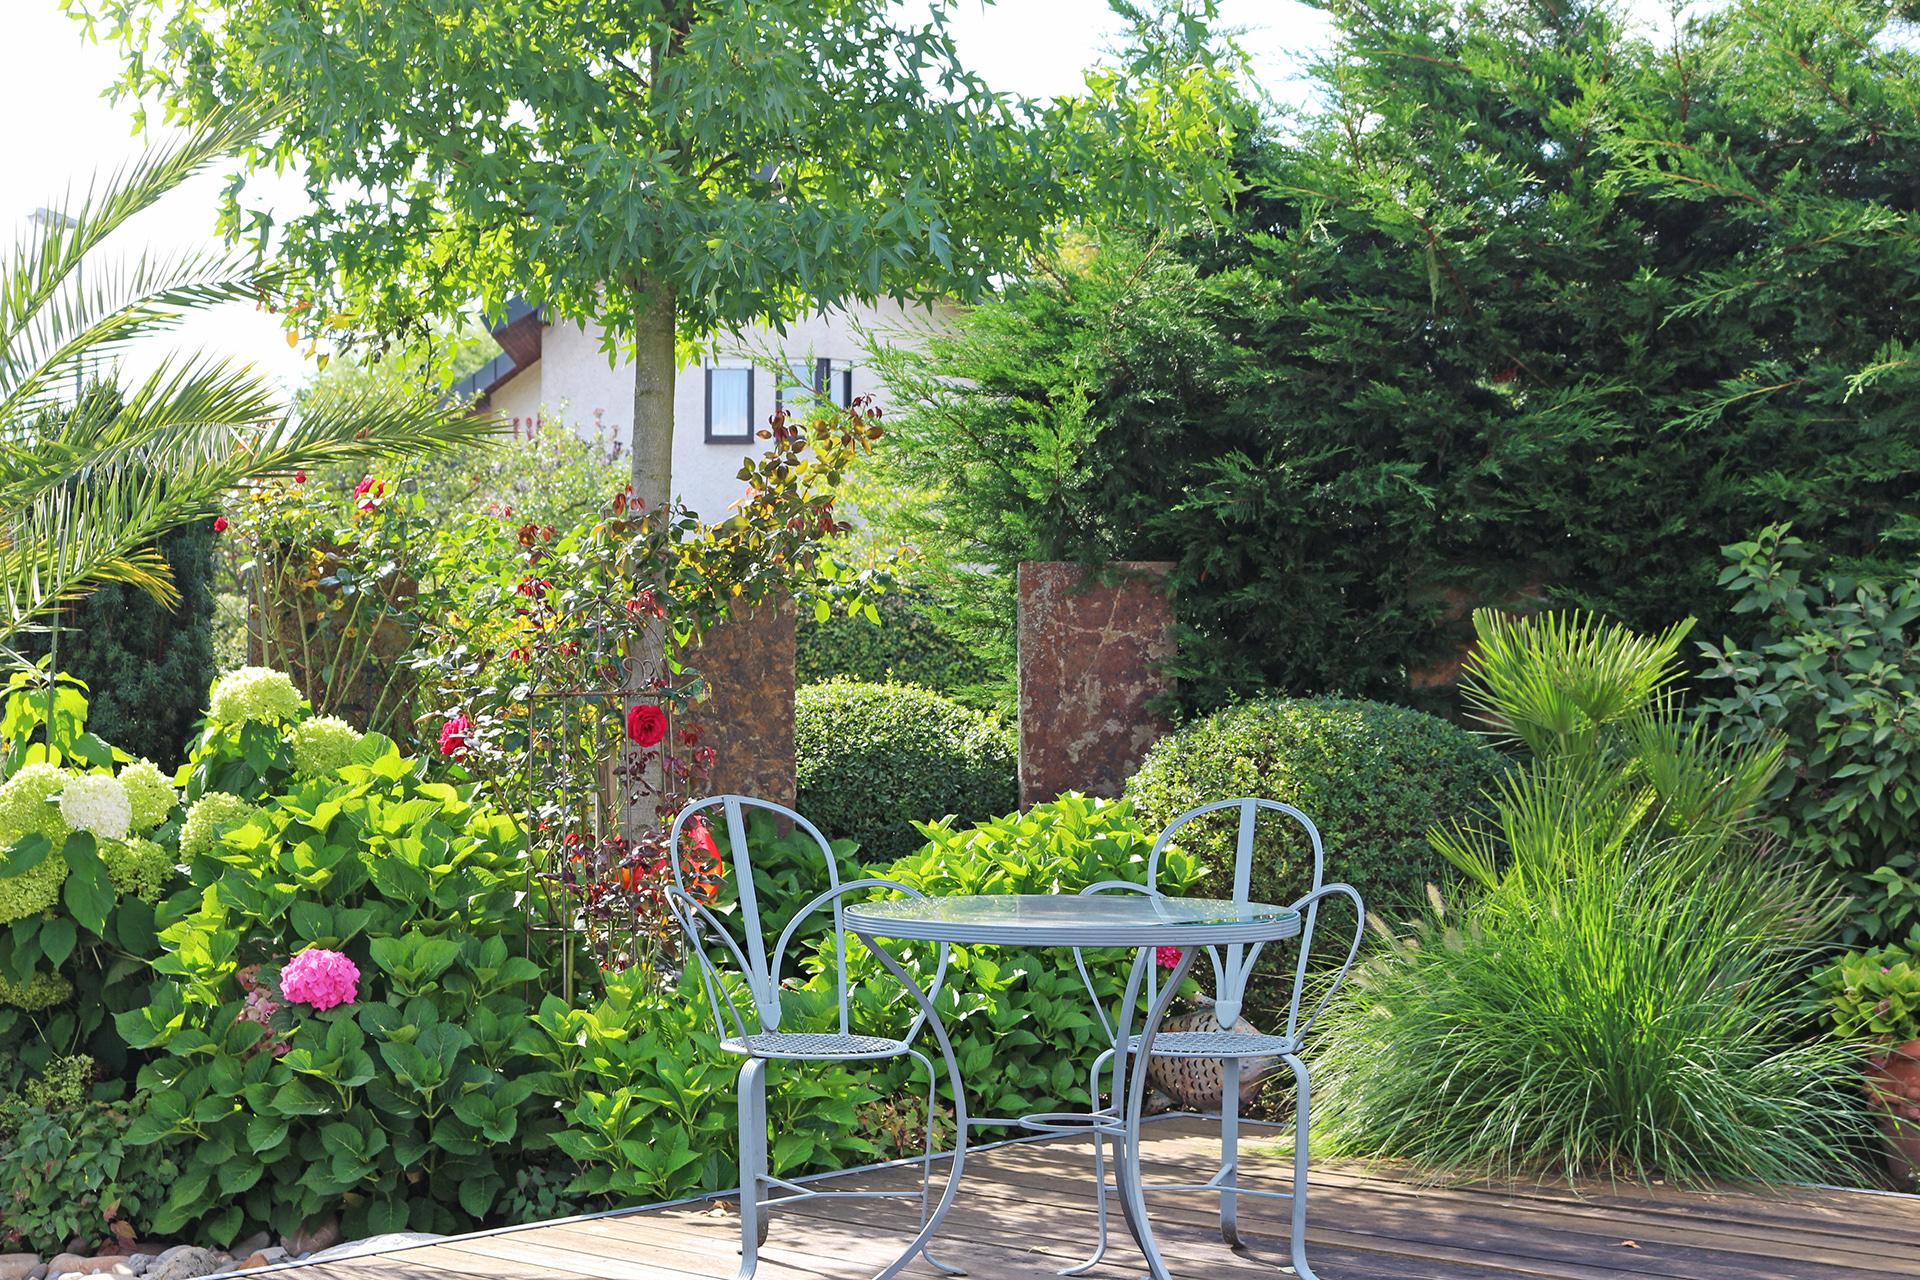 Gartenanlage mit Koiteich in Bamberg-Stegaurach